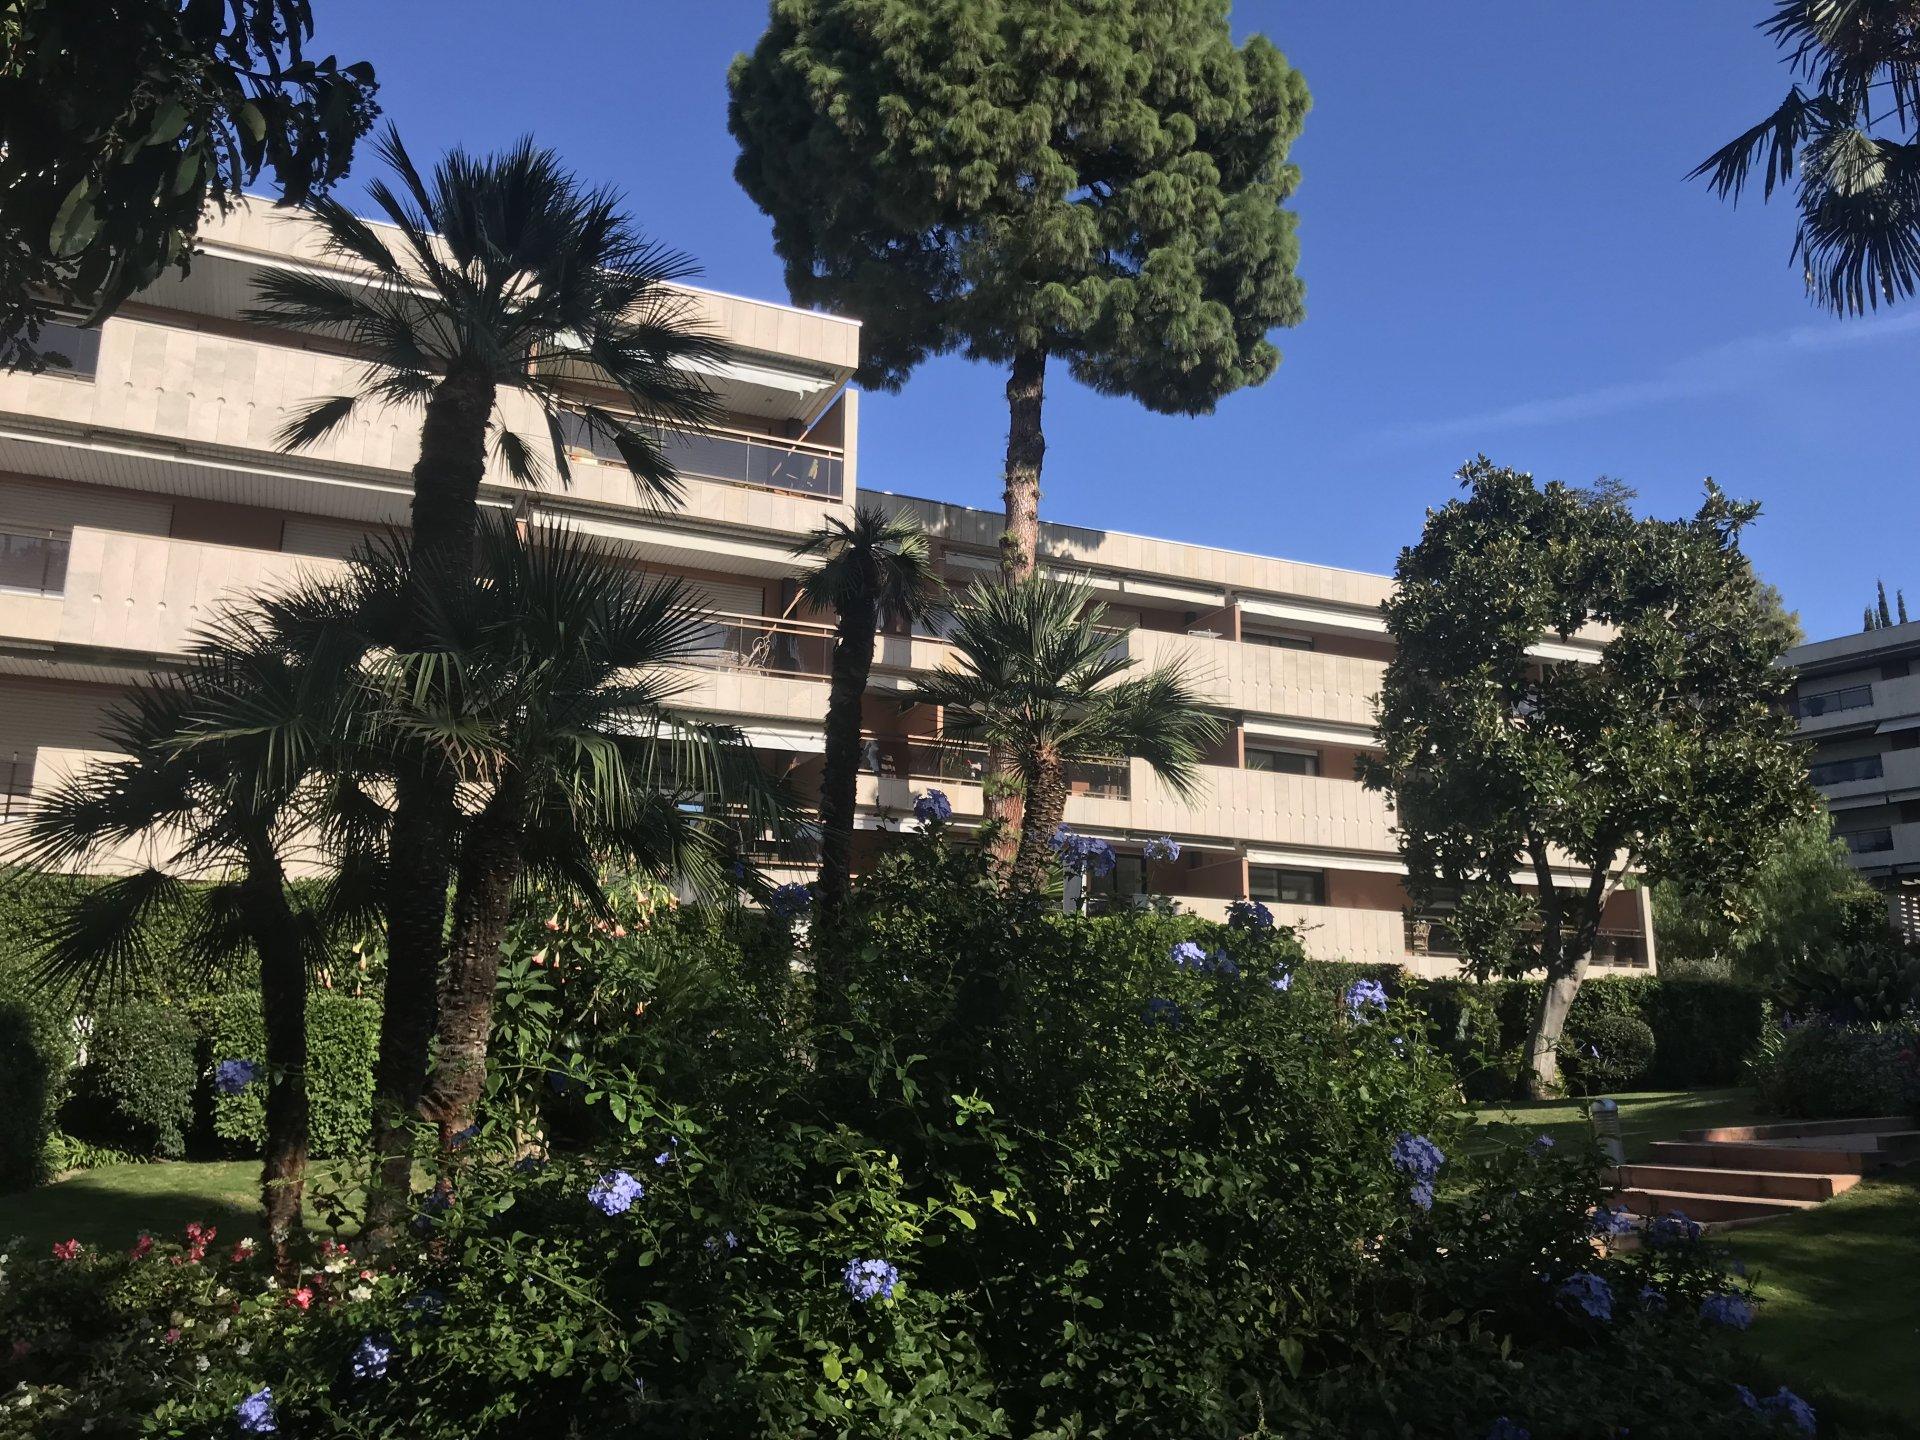 Verkauf Wohnung - Cannes Basse Californie